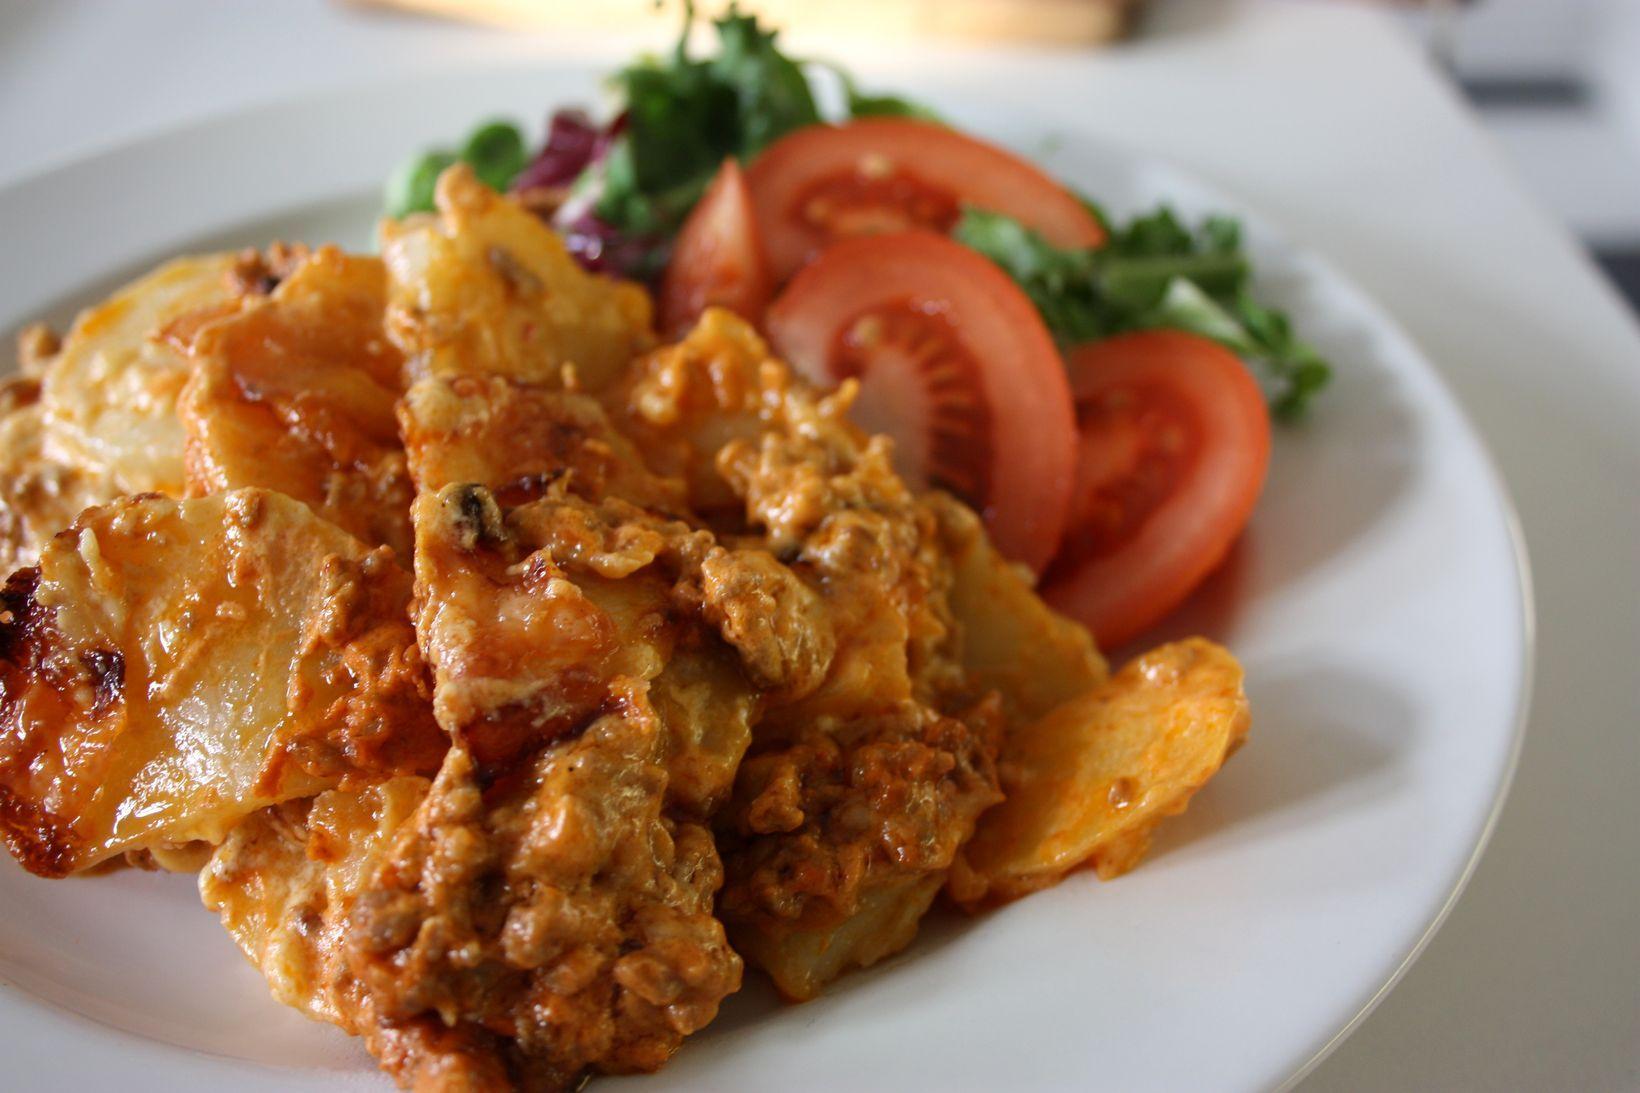 köttfärs och potatis